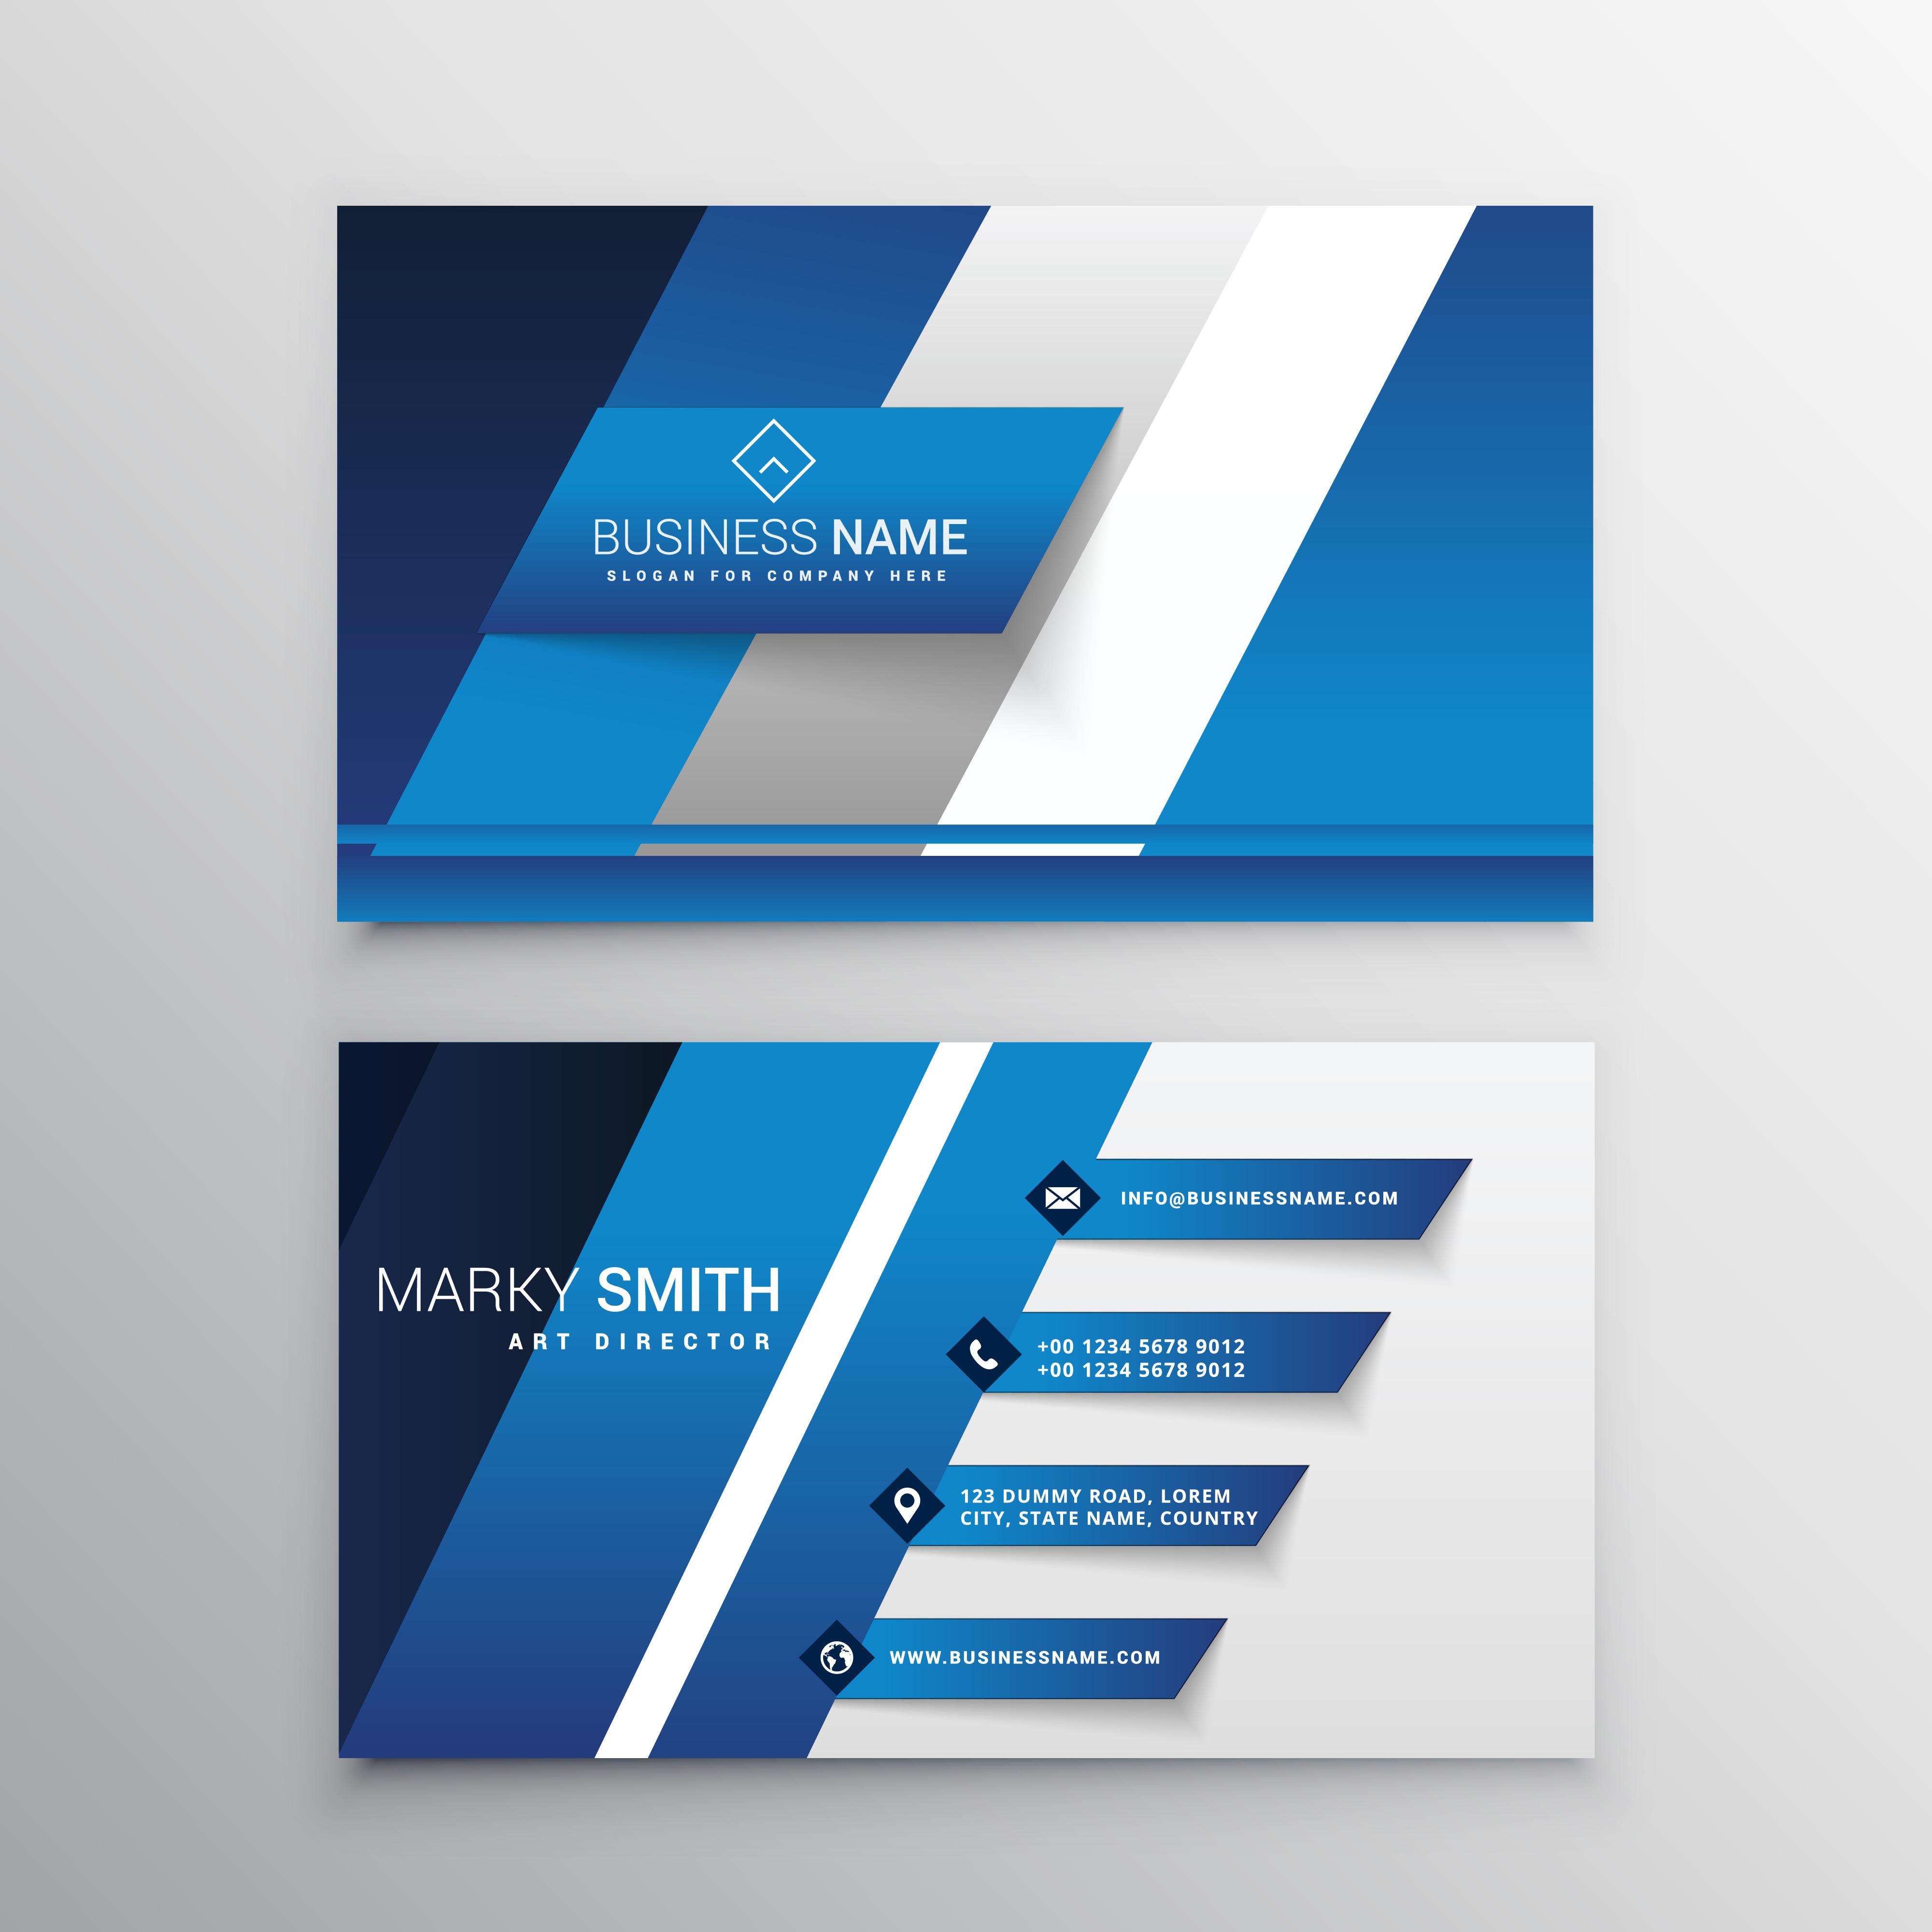 Busines Card Modern Design: Elegant Blue Business Card Design